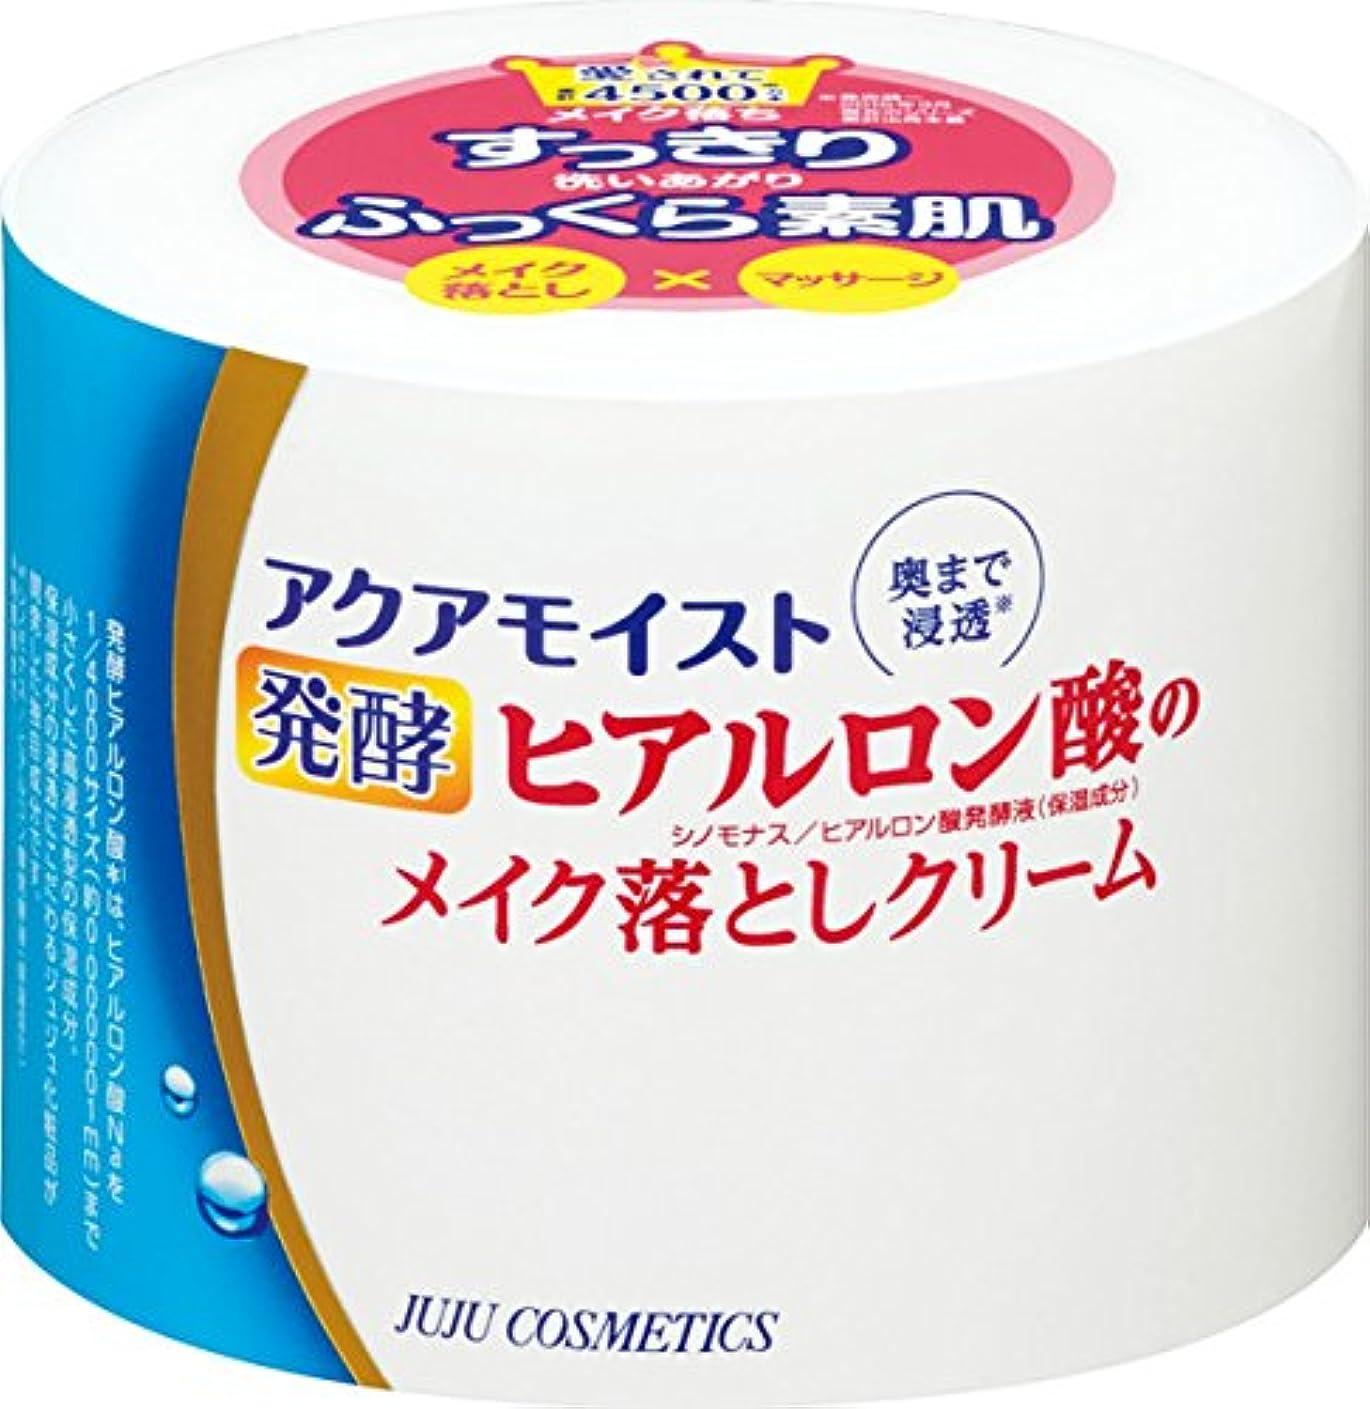 勇気のある分岐するアクアモイスト 発酵ヒアルロン酸のメイク落としクリーム 160g